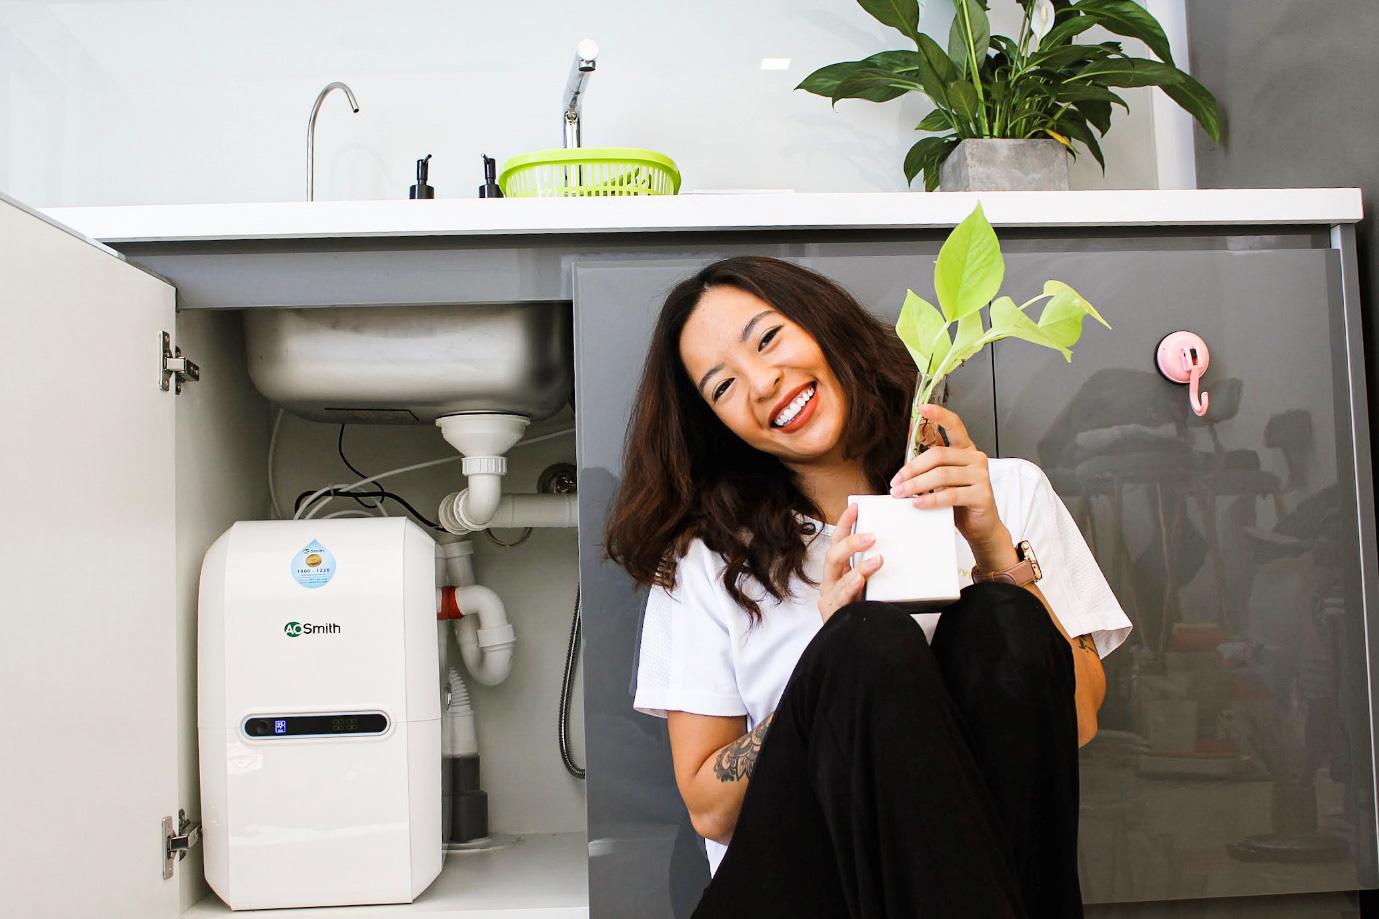 Cẩm nang tư vấn A-Z cách chọn mua máy lọc nước như ý cho các gia đình - Ảnh 1.